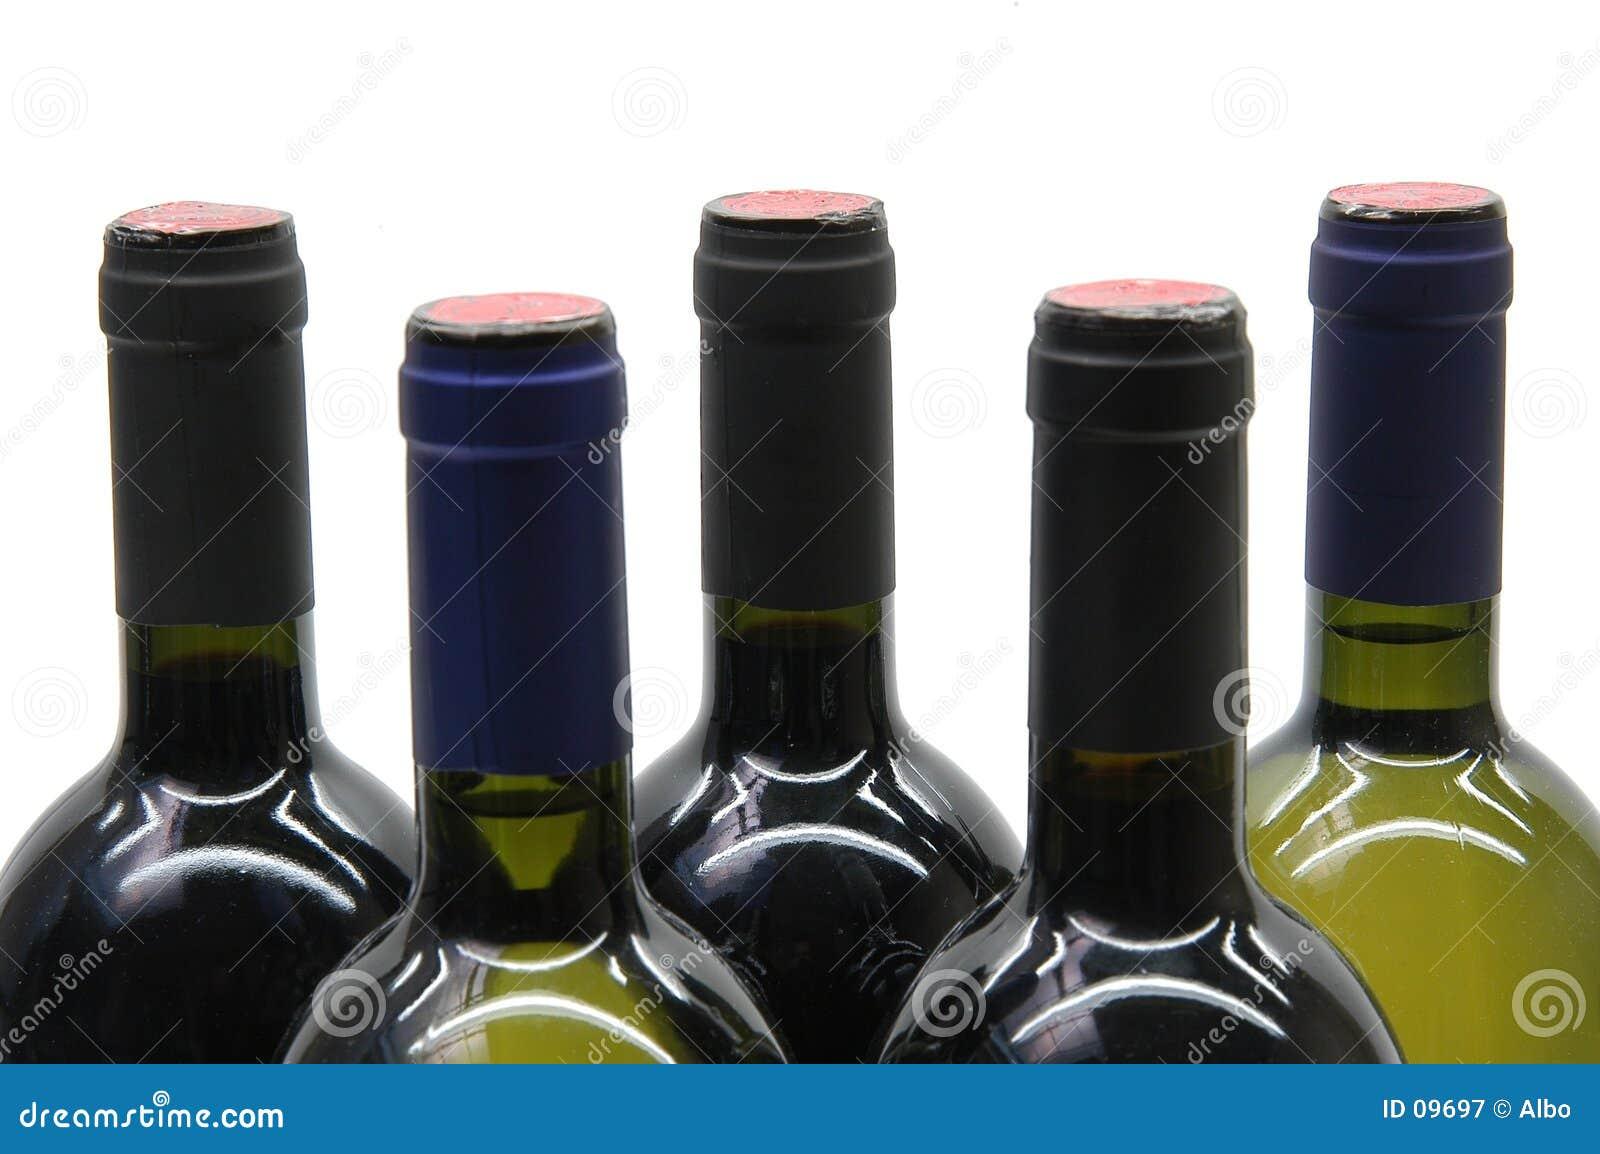 Five bottles of wine